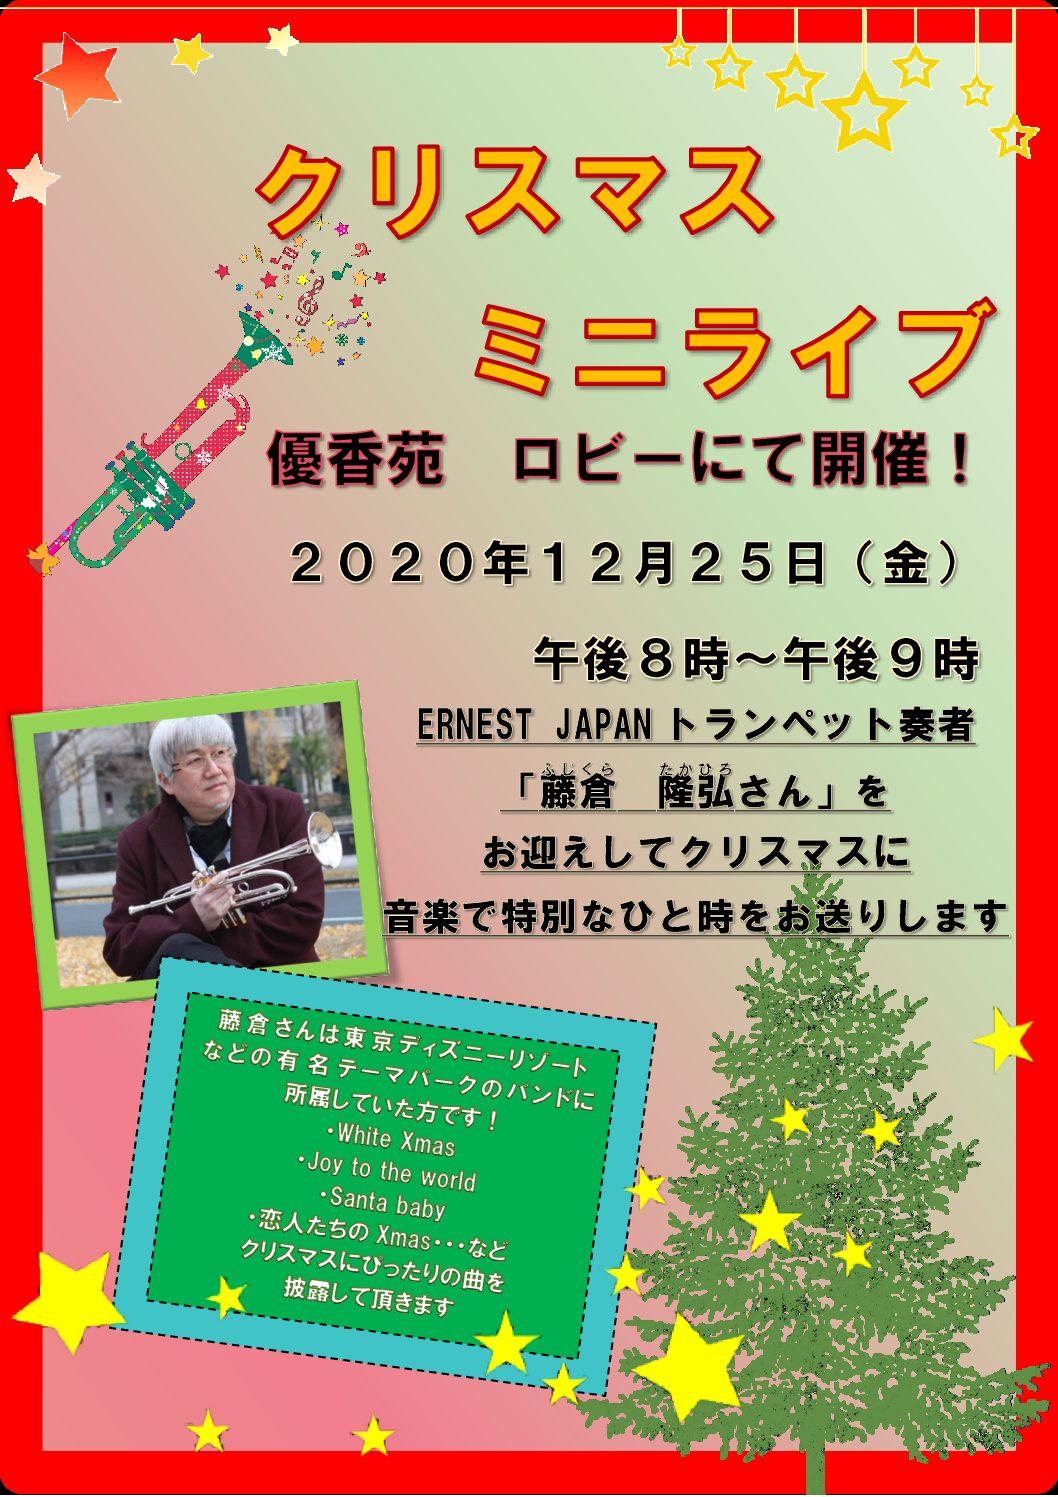 ☆12/25クリスマスミニライブのお知らせ☆